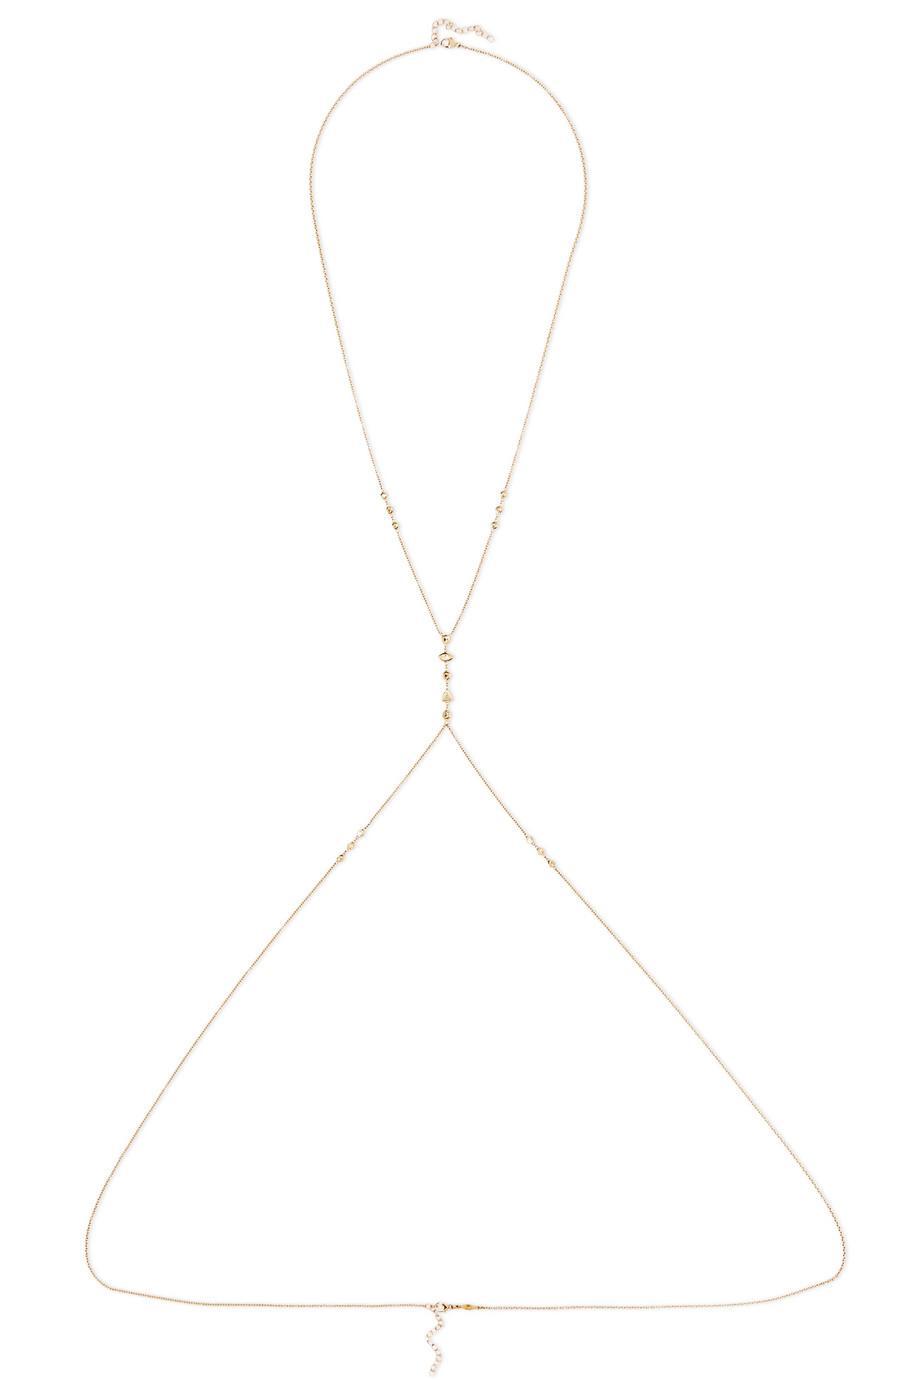 Jacquie Aiche 14-karat Gold Diamond Body Chain QHwjbsMK